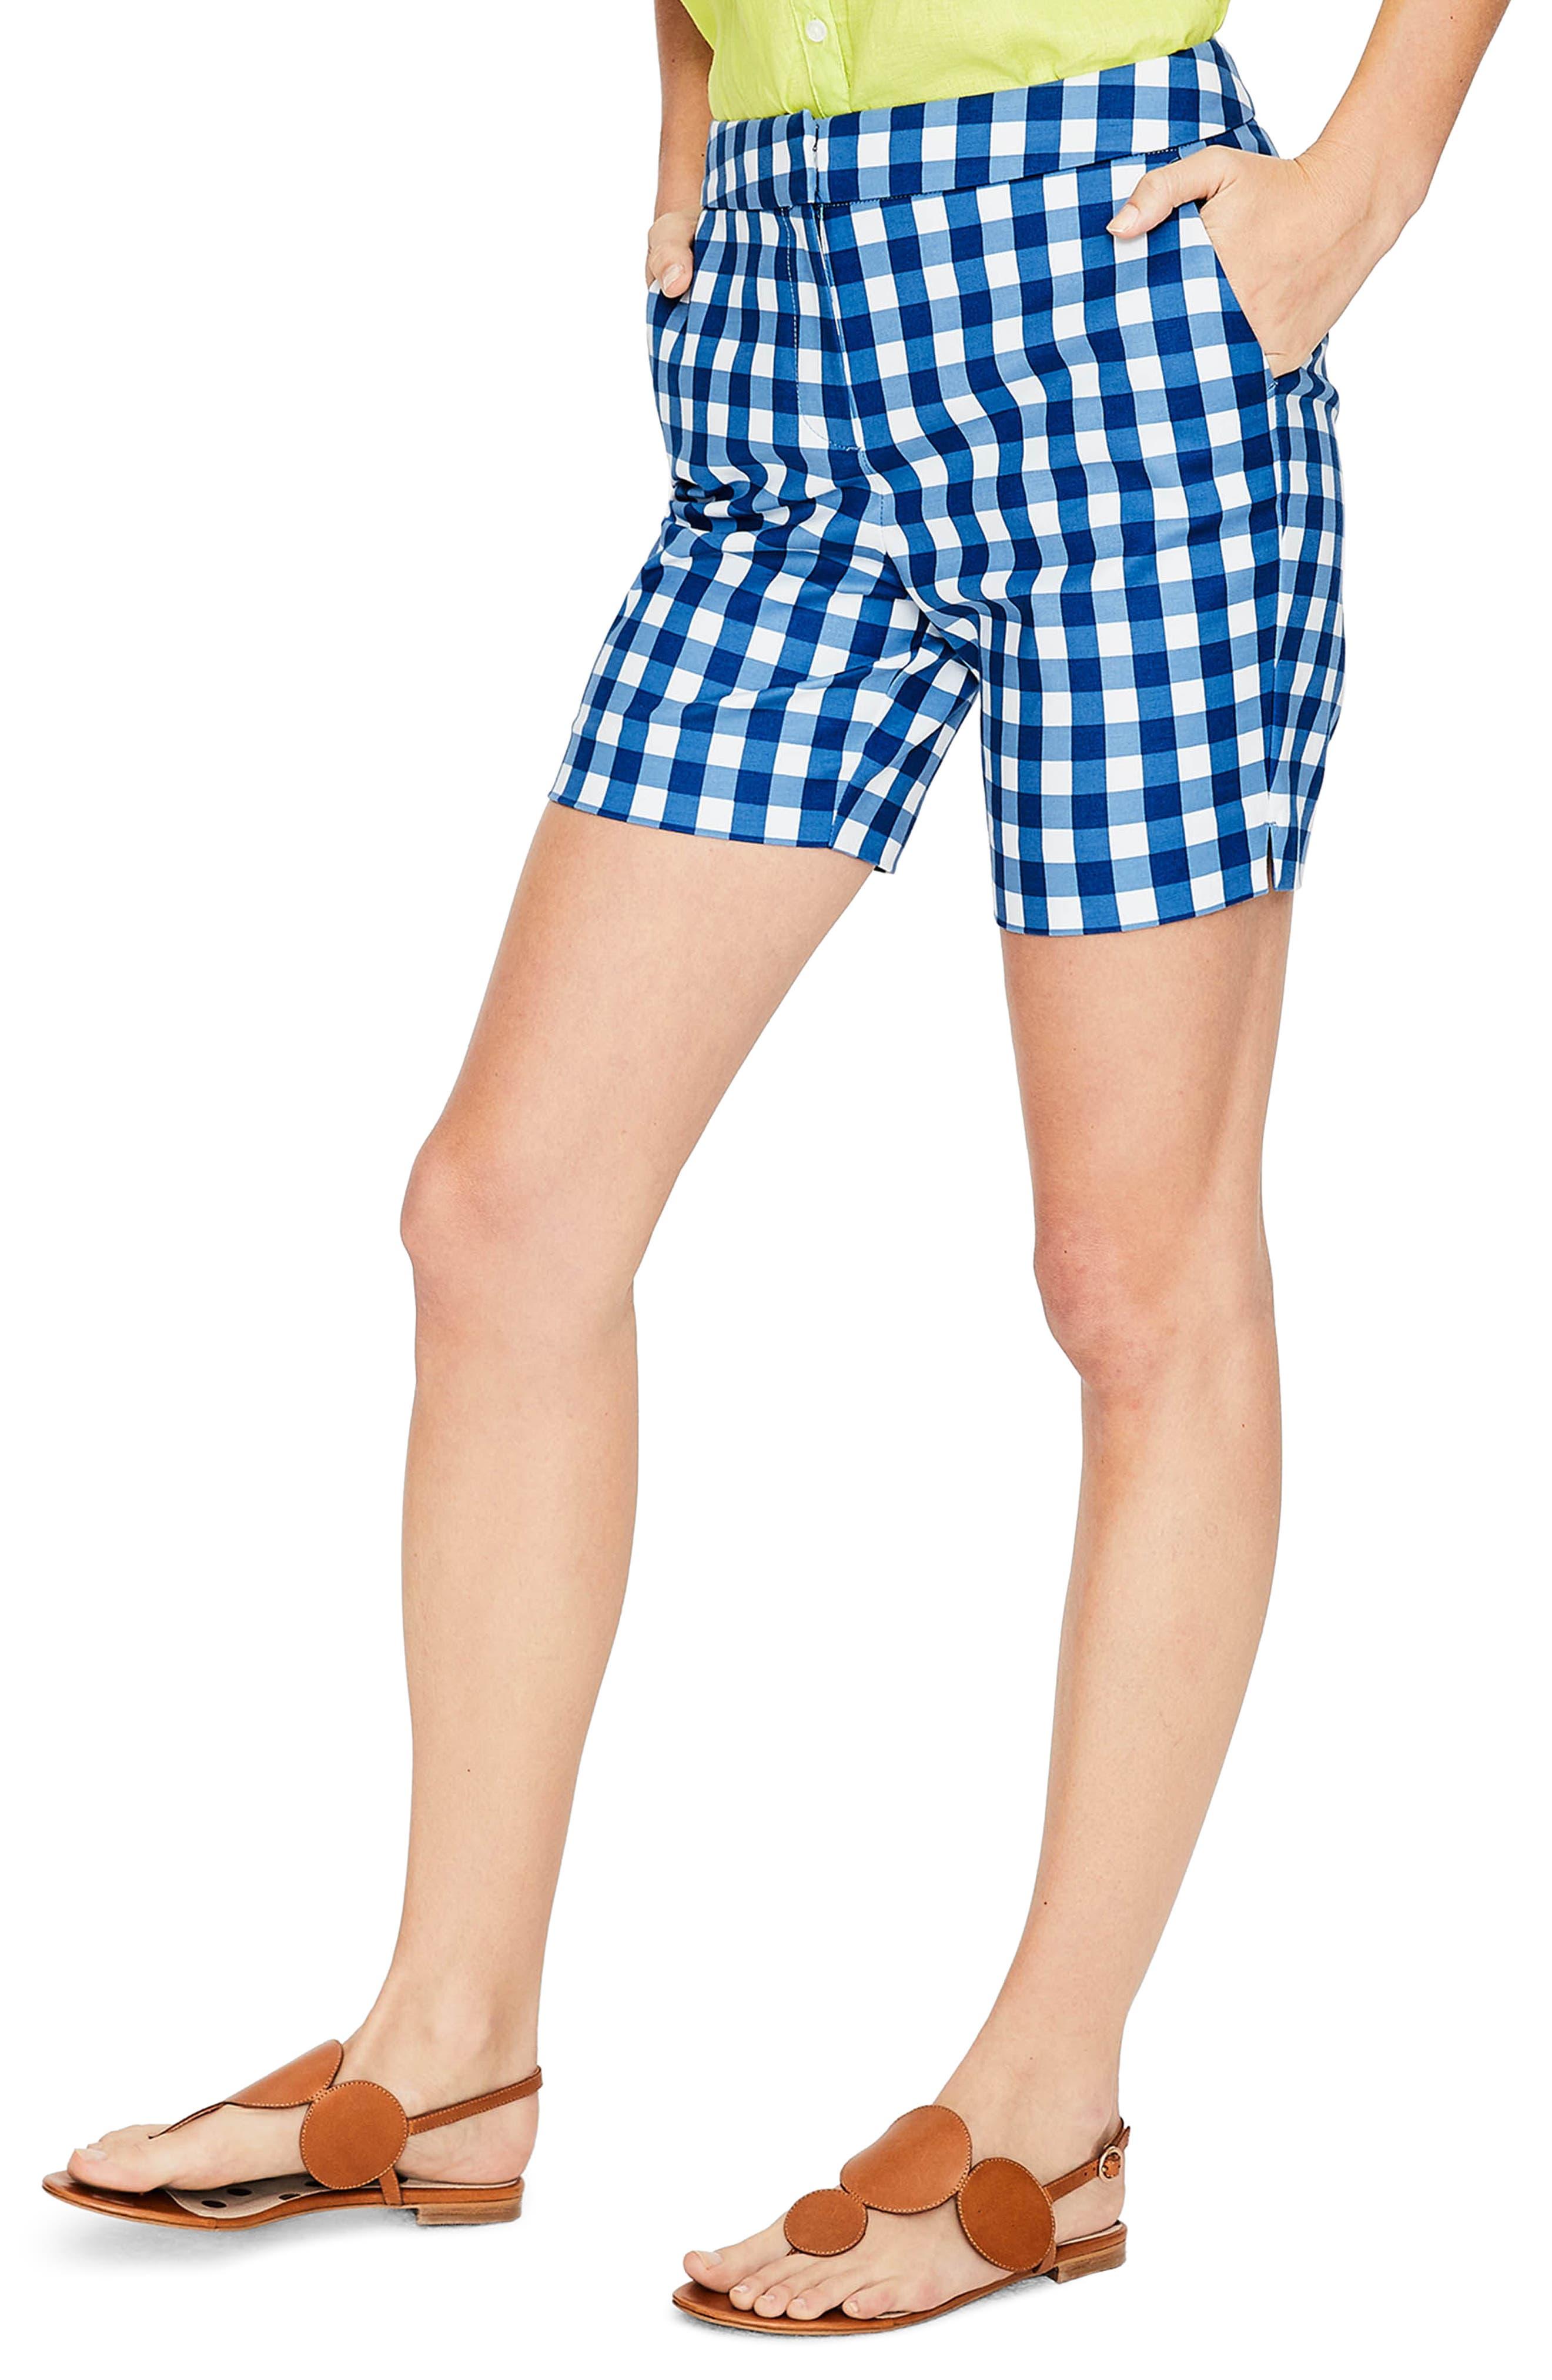 Richmond Check Shorts,                             Main thumbnail 1, color,                             Riviera Blue Gingham